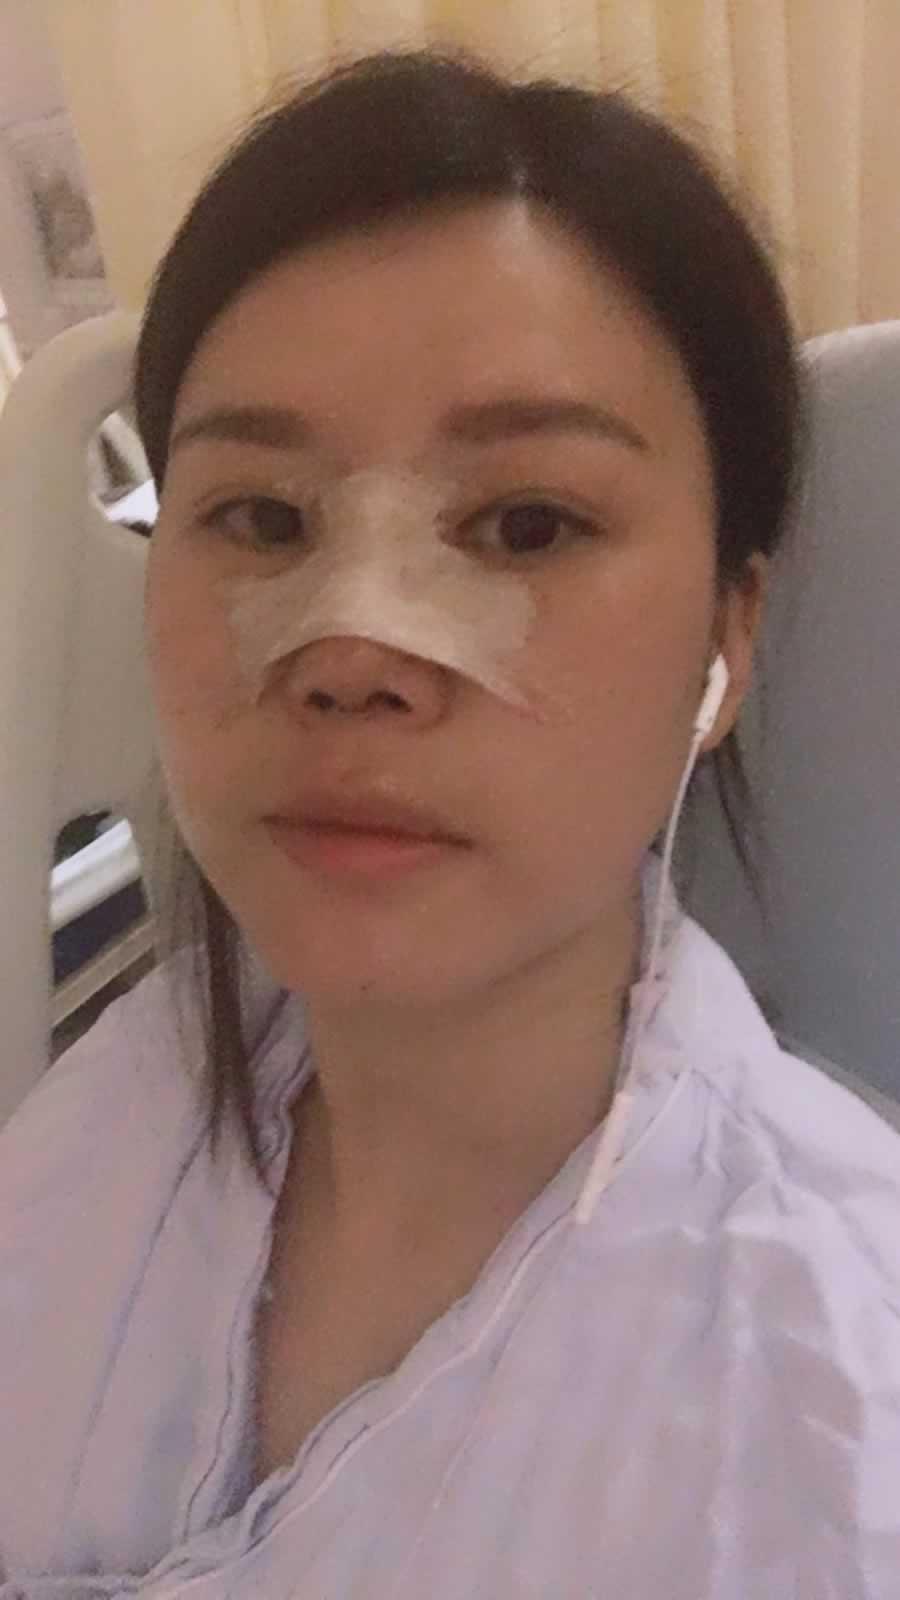 这是做完鼻综合一个月的时候,眼部已经明显消肿